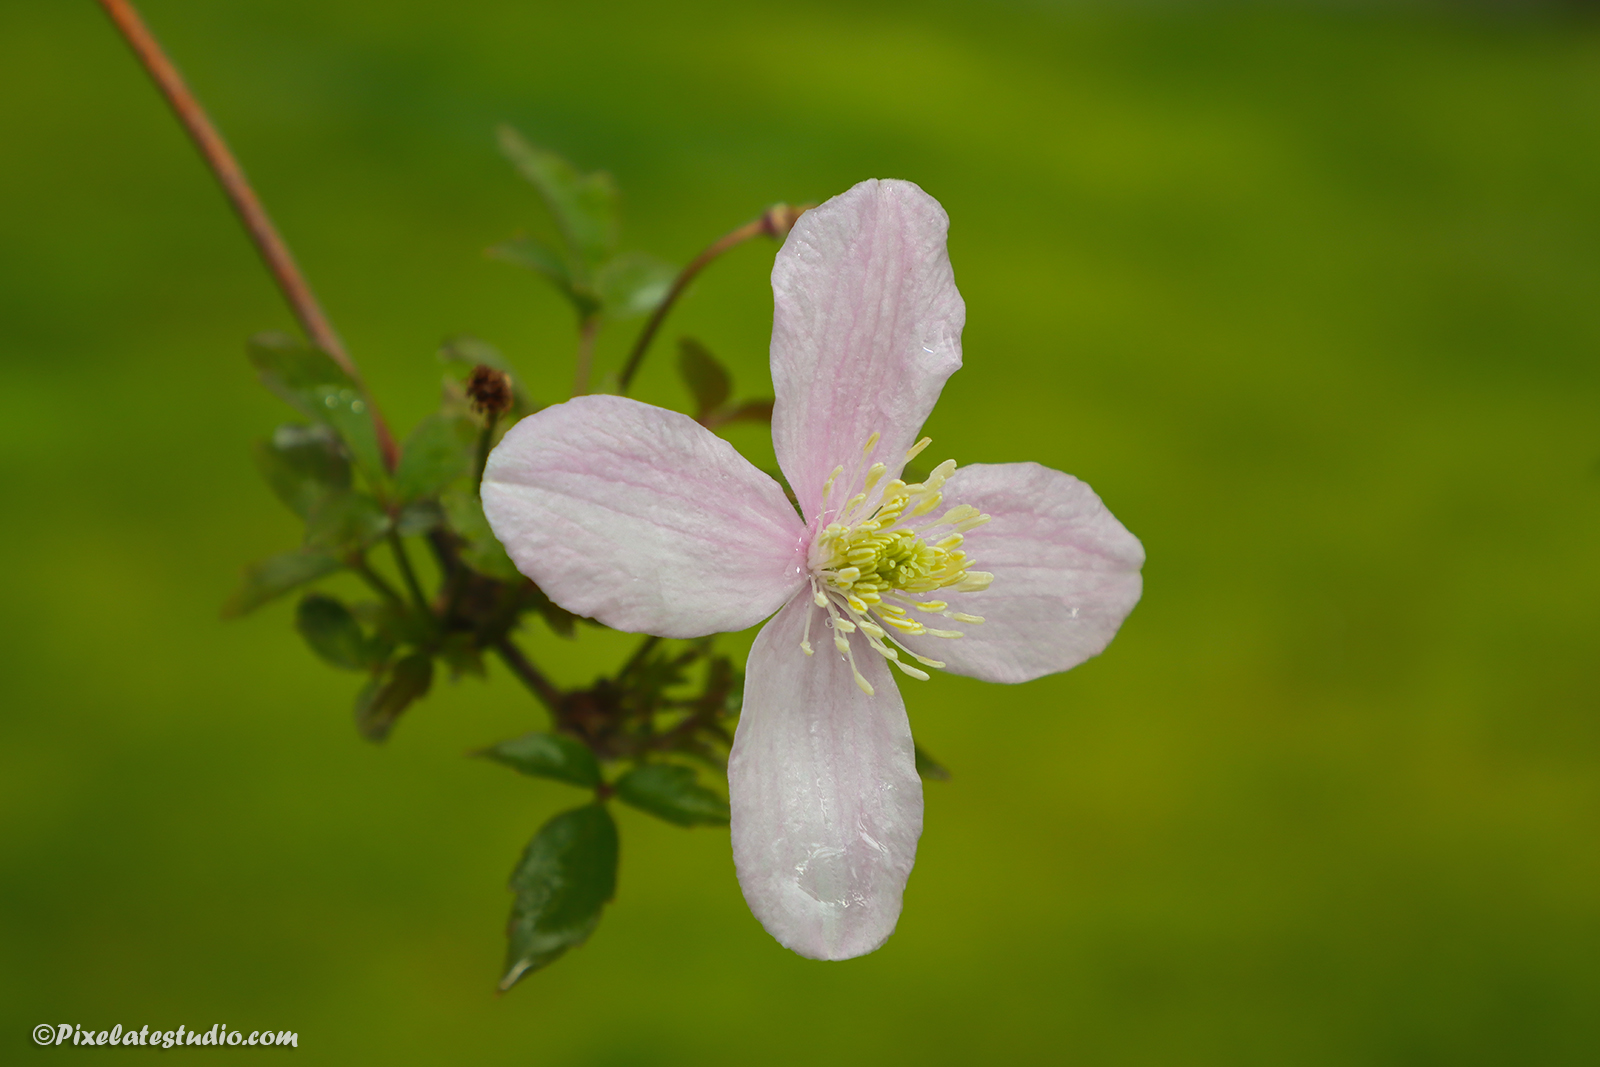 mooie foto van de Roze Clematis bloem met vage achtergrond